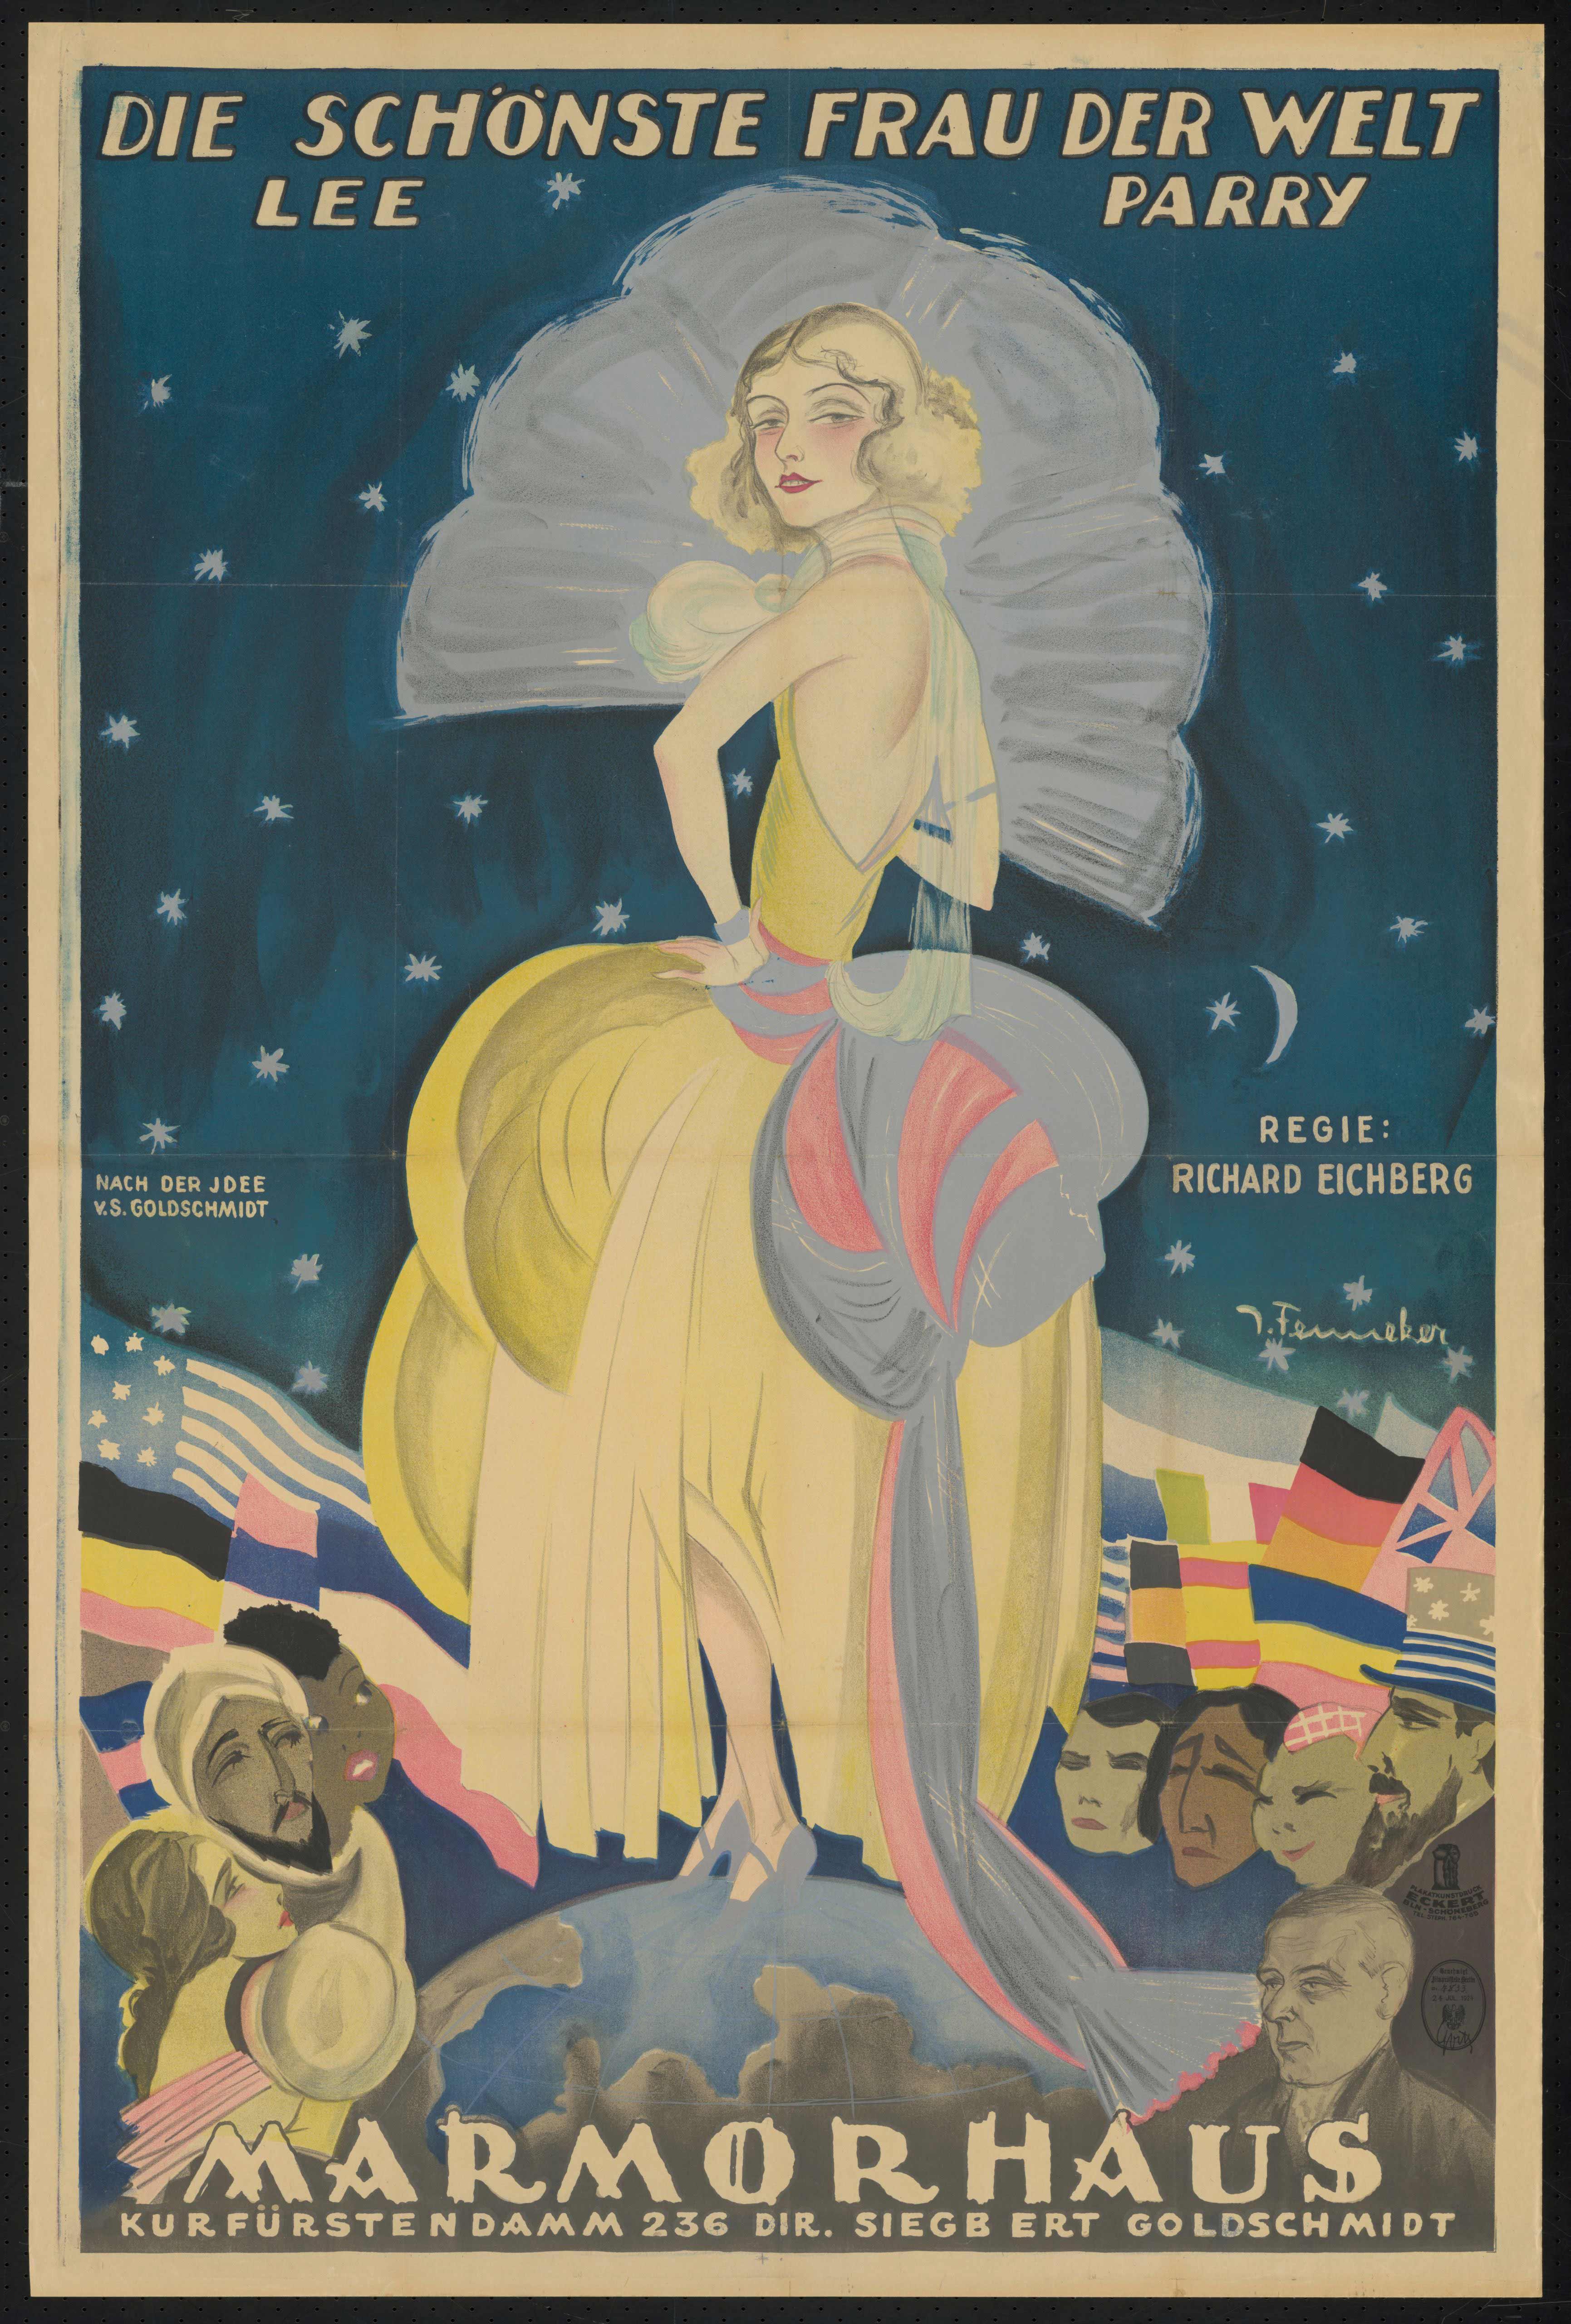 Plakat zu dem Film Die schönste Frau der Welt, Deutschland 1924, Regie: Richard Eichberg, von Plakatkünstler Josef Fenneker